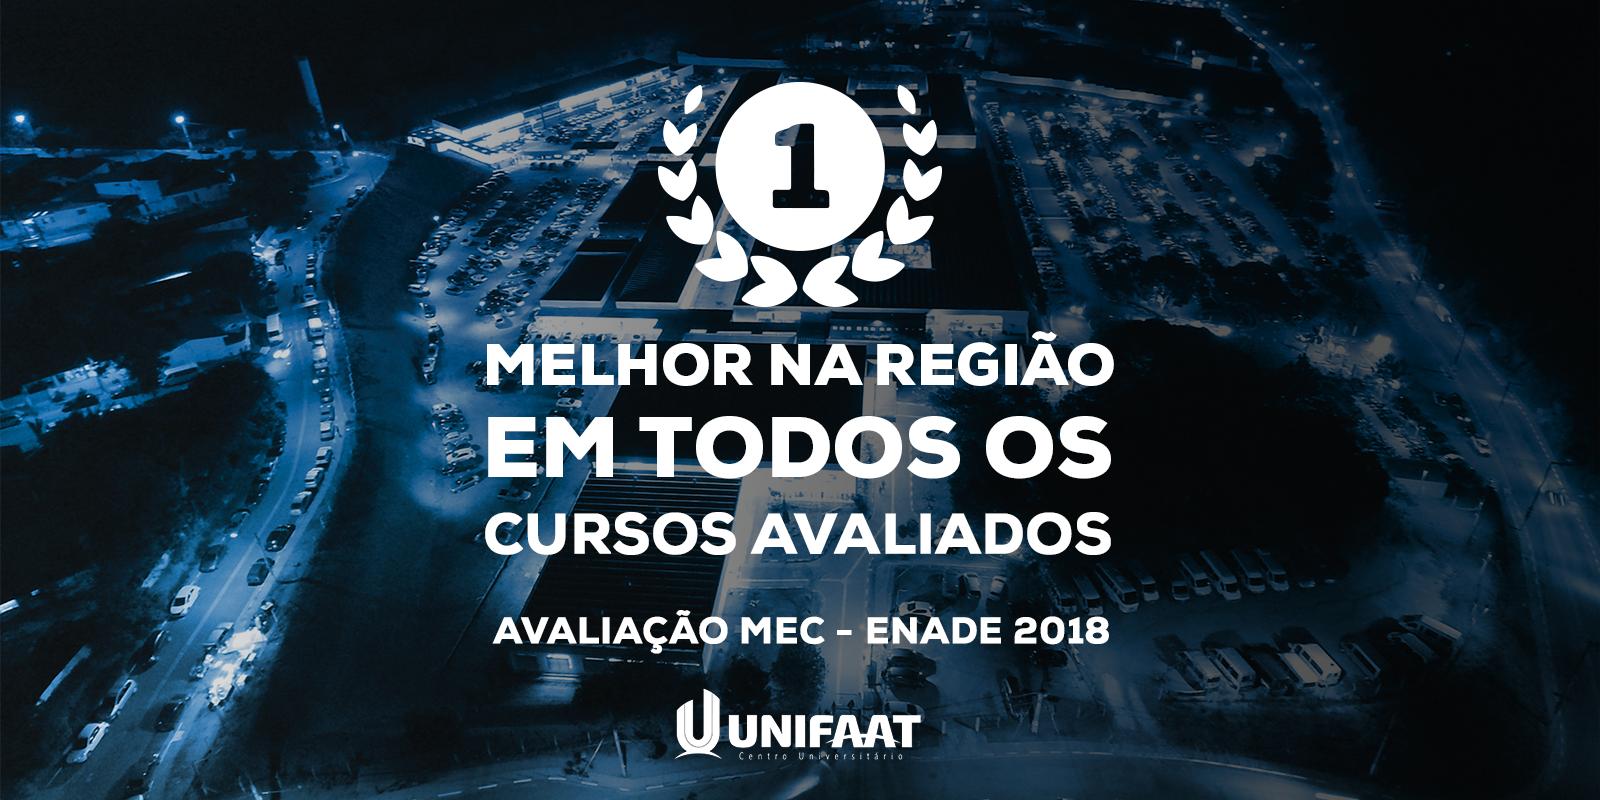 MEC atesta novamente cursos da UNIFAAT como os melhores da região